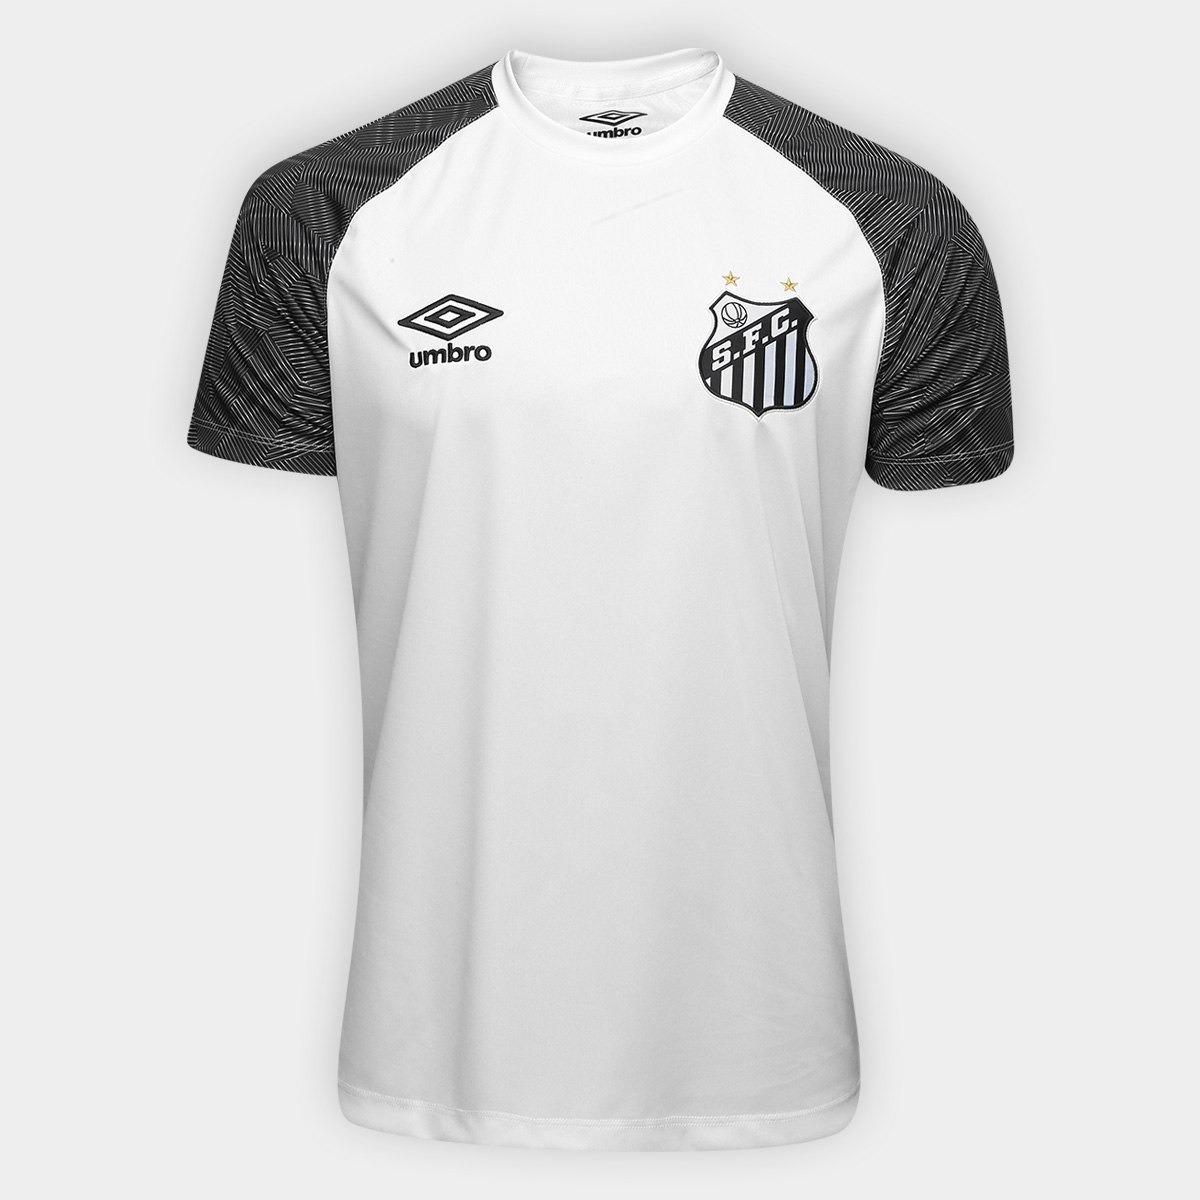 camisa santos treino 2018 umbro - 782718. Carregando zoom. 4e288c4ad5f34